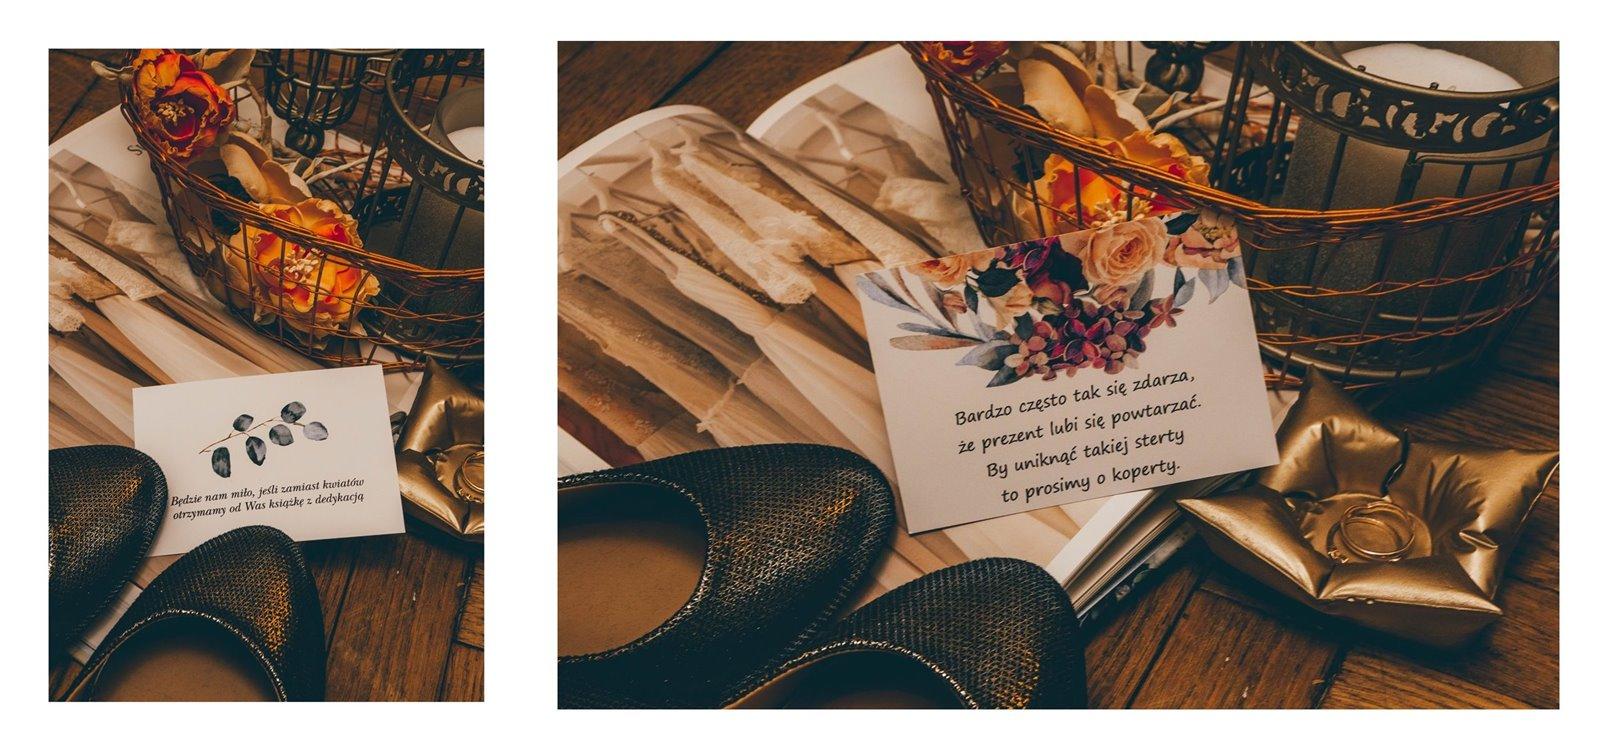 2 wierszyki prośba o pieniądze o książkę wino od gości weselnych, jak poprosić gości o pieniące ślub co zamiast kwiatów trendy w papeterii 2018 2019 2020 2021 2022 2023 2024 ślub porady wesele kolory jak dobrać motyw